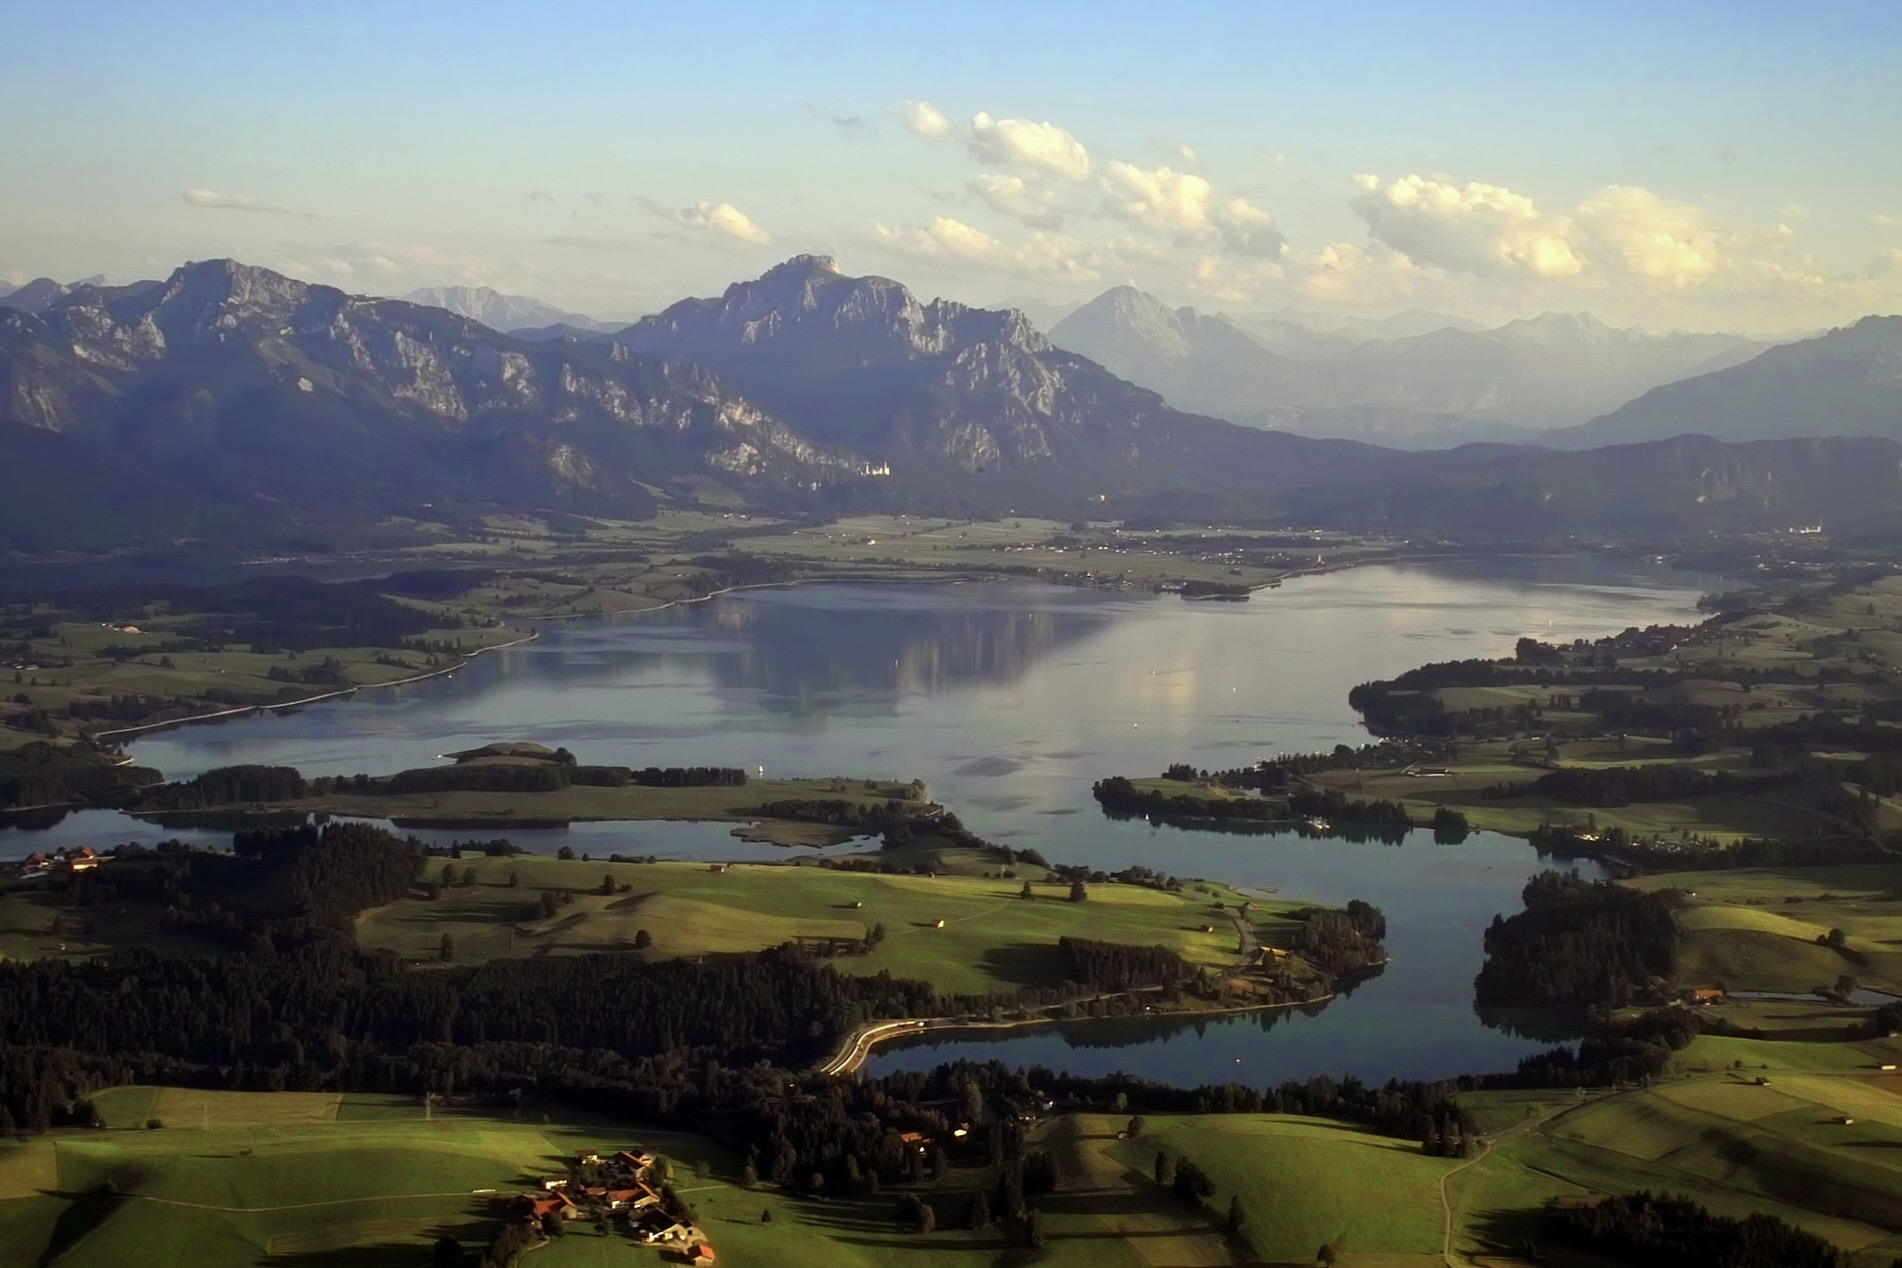 Unter den Seen in Bayern ist der Forggensee beliebt